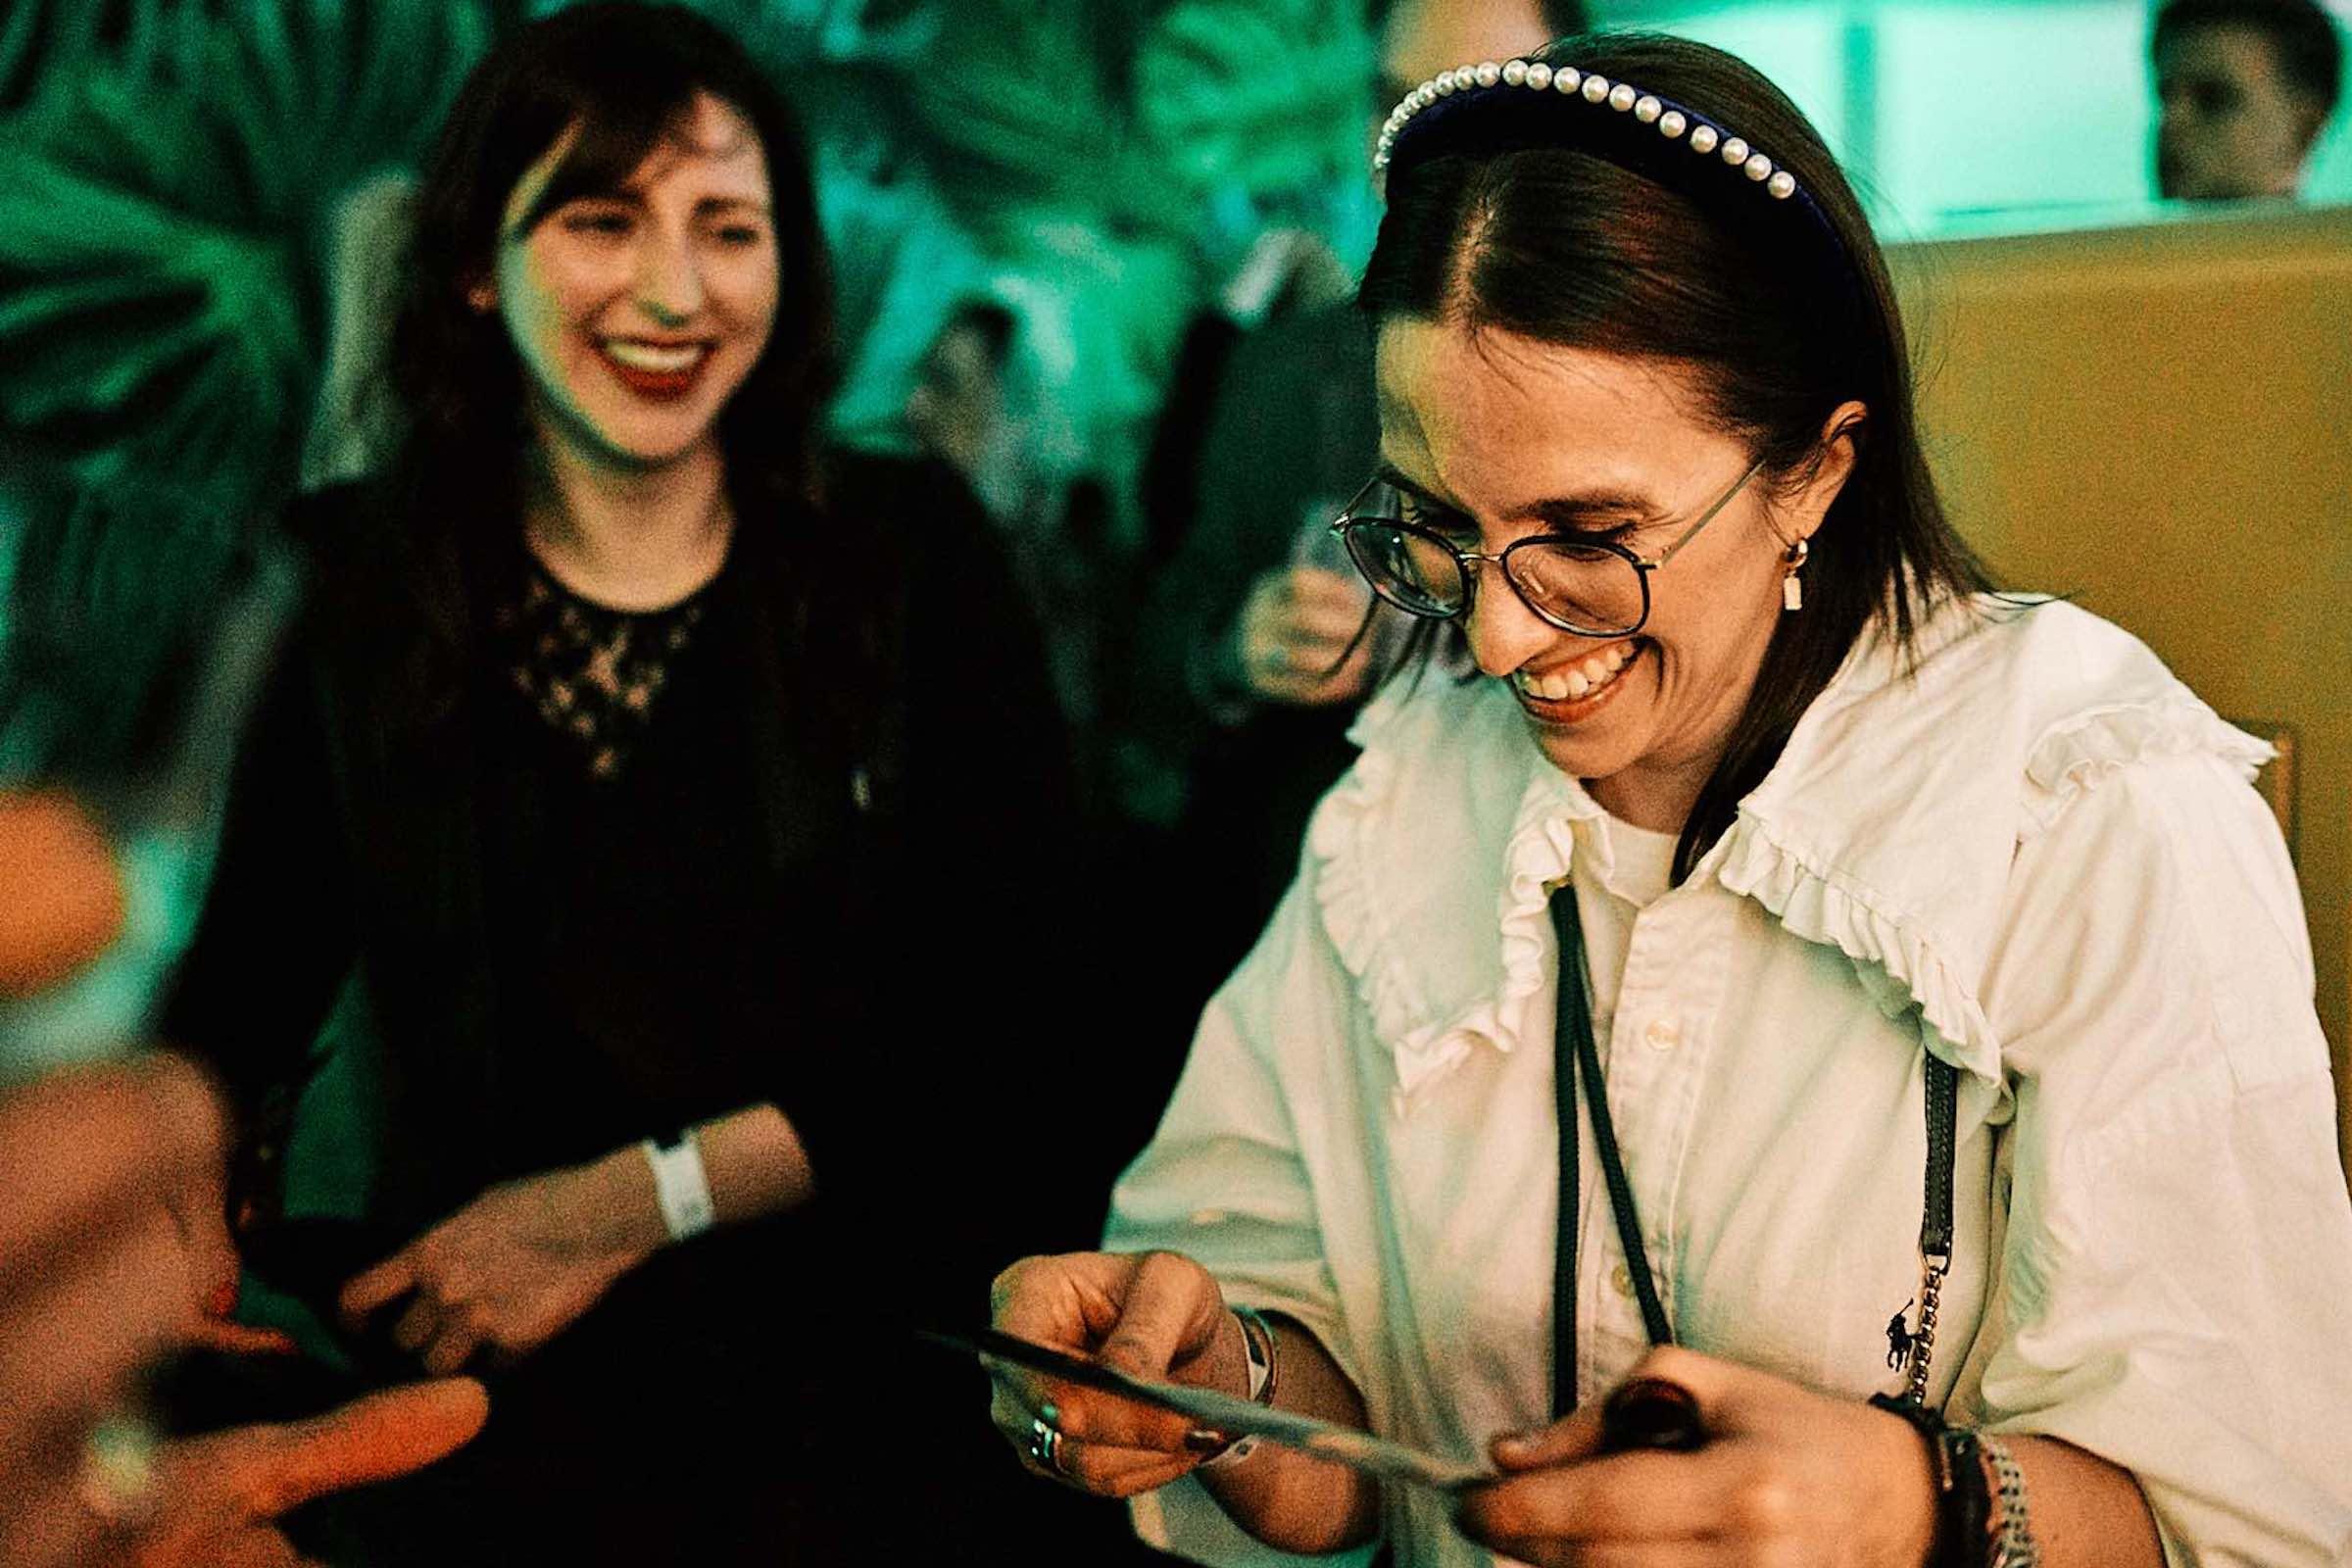 Fotobox | Hamburg | Mieten | Hochzeit | Mieten | Fotoautomat | Photobooth | Sofortdruck | Druck | Flatrate | Buchen | Referenz | Anfragen | Hamburgfeiert